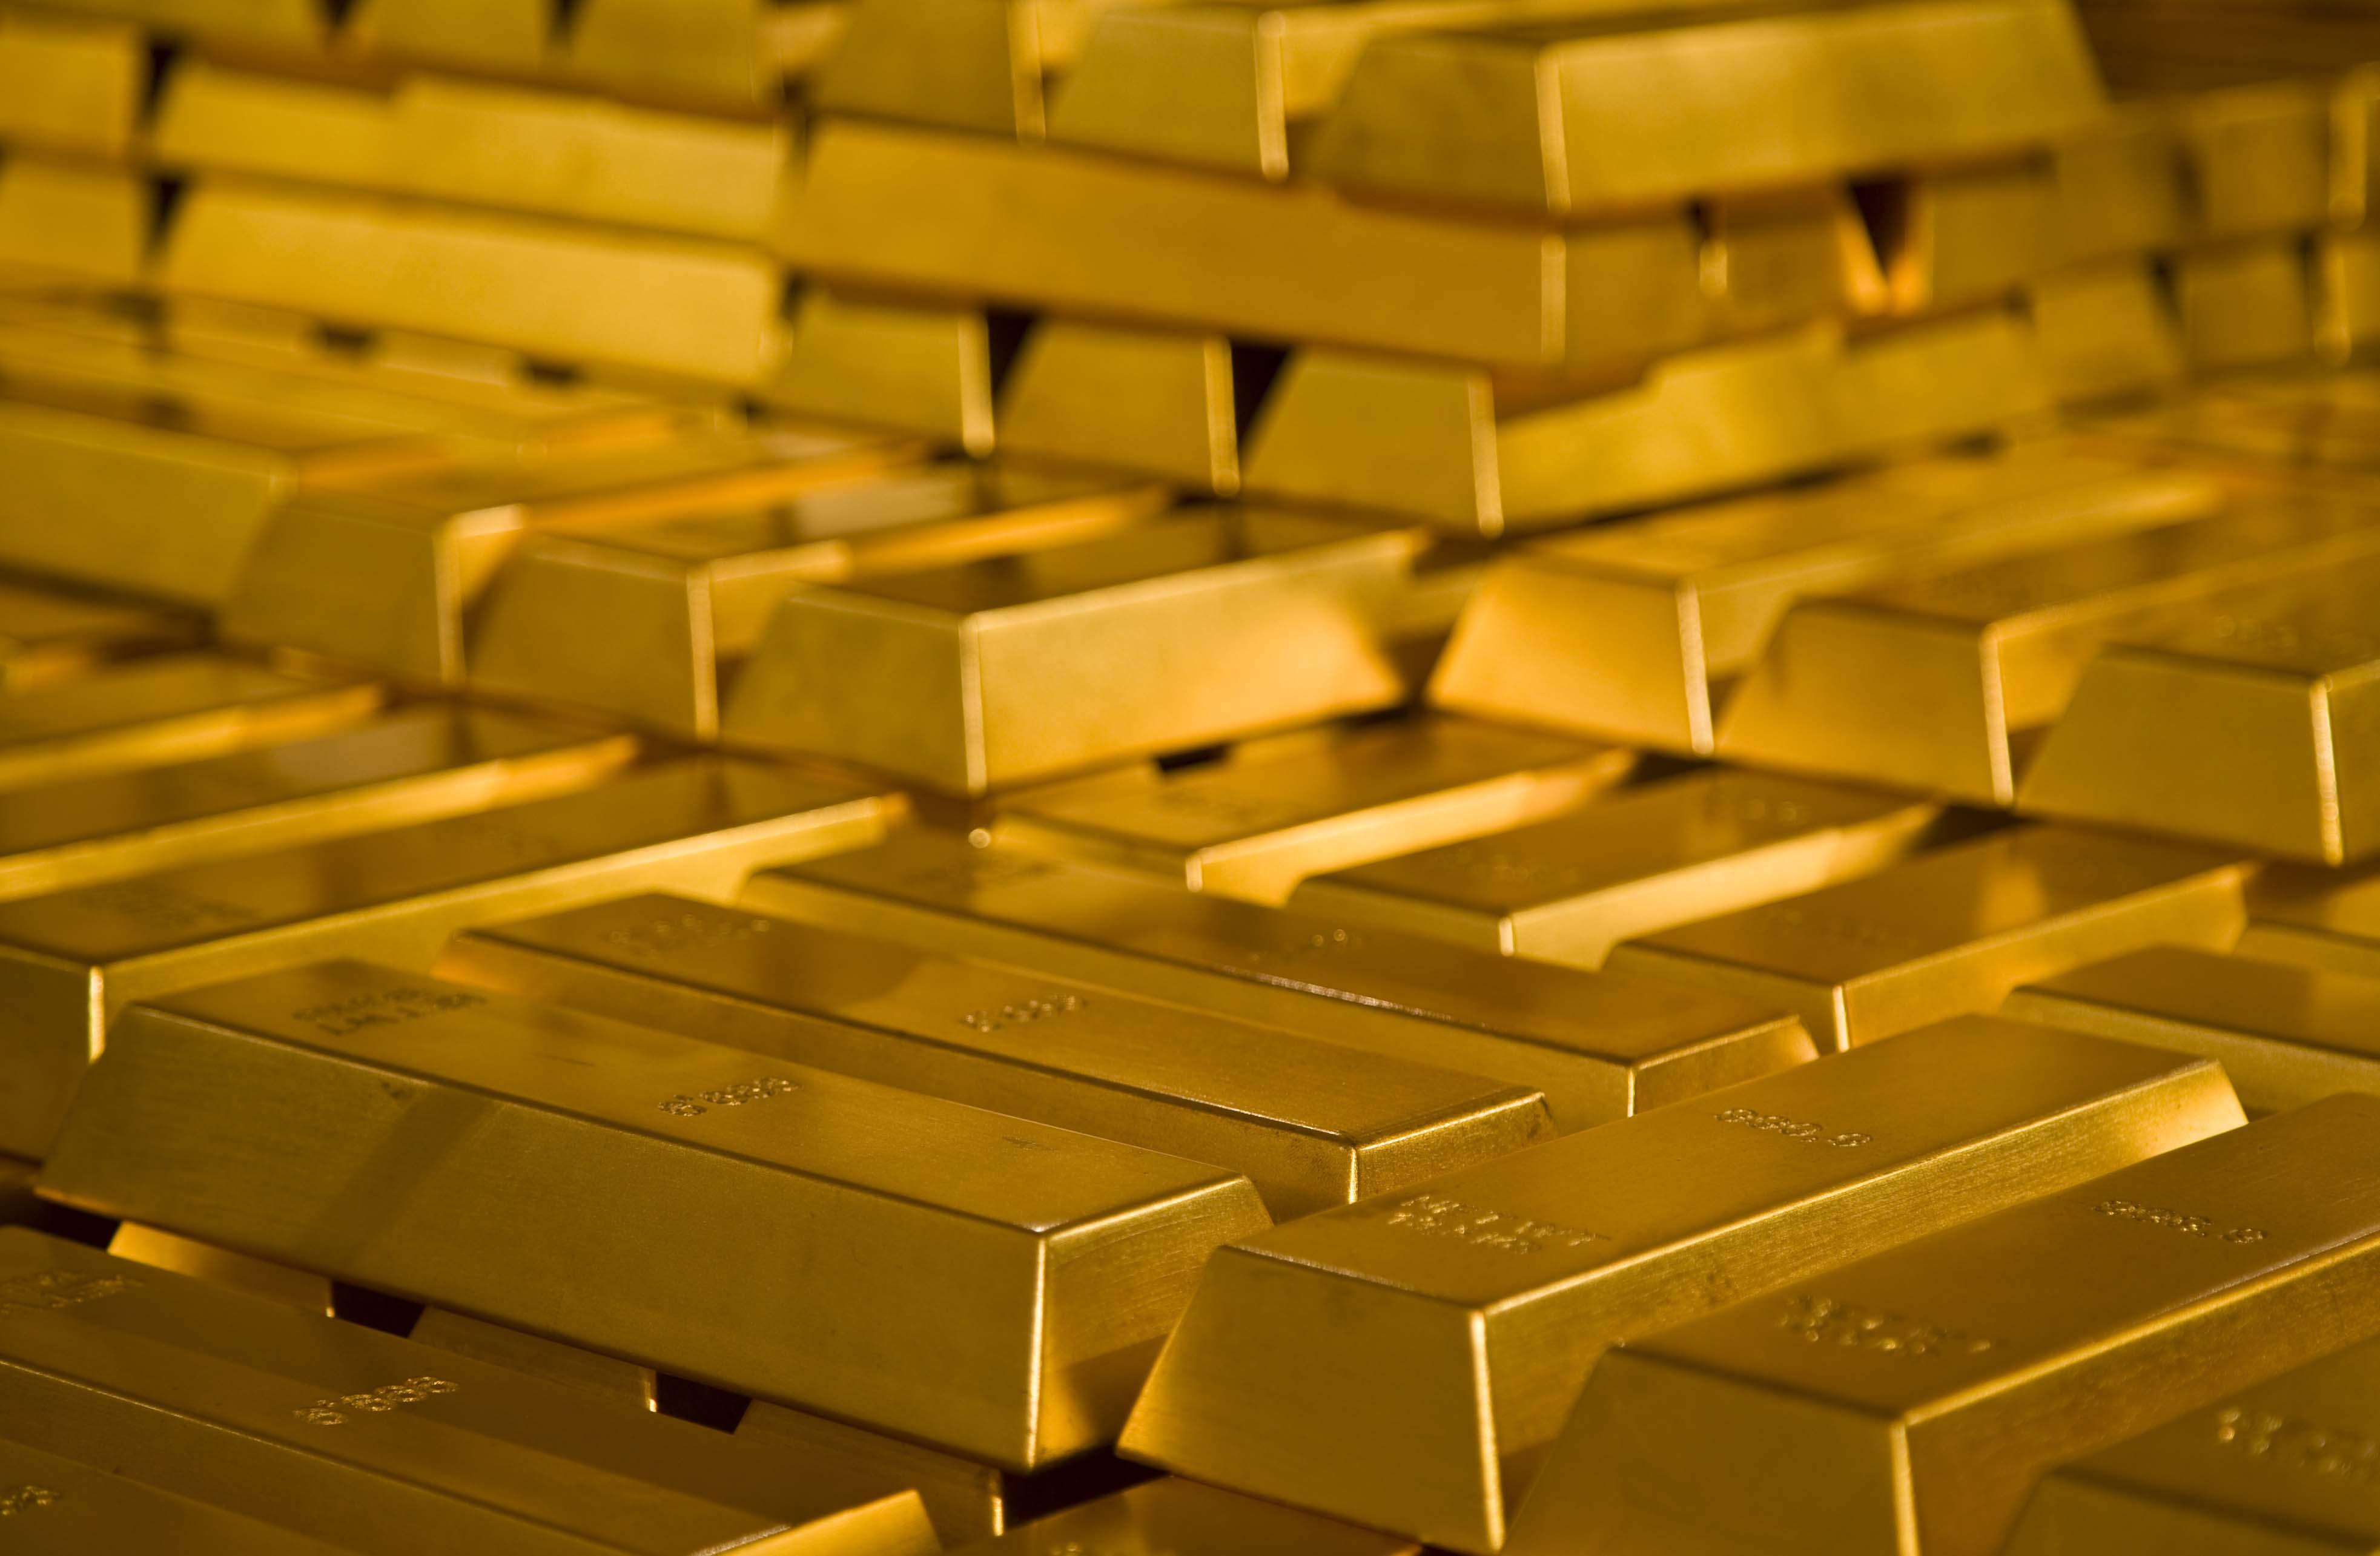 Спотовый рынок как специфическая площадка торговли золотом (с видео).